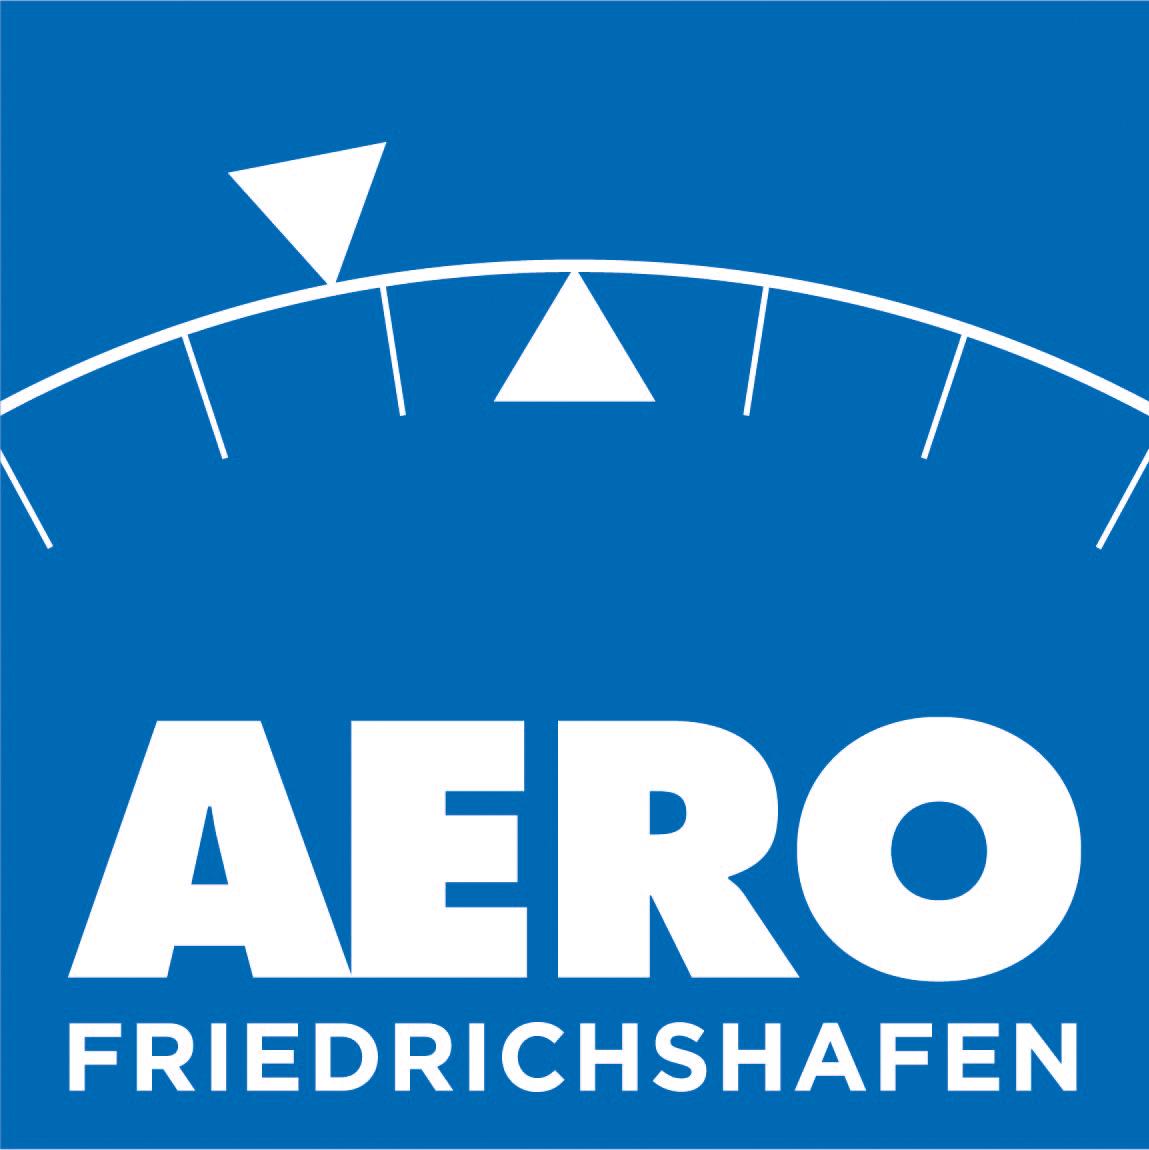 AERO Friedrichhsafen